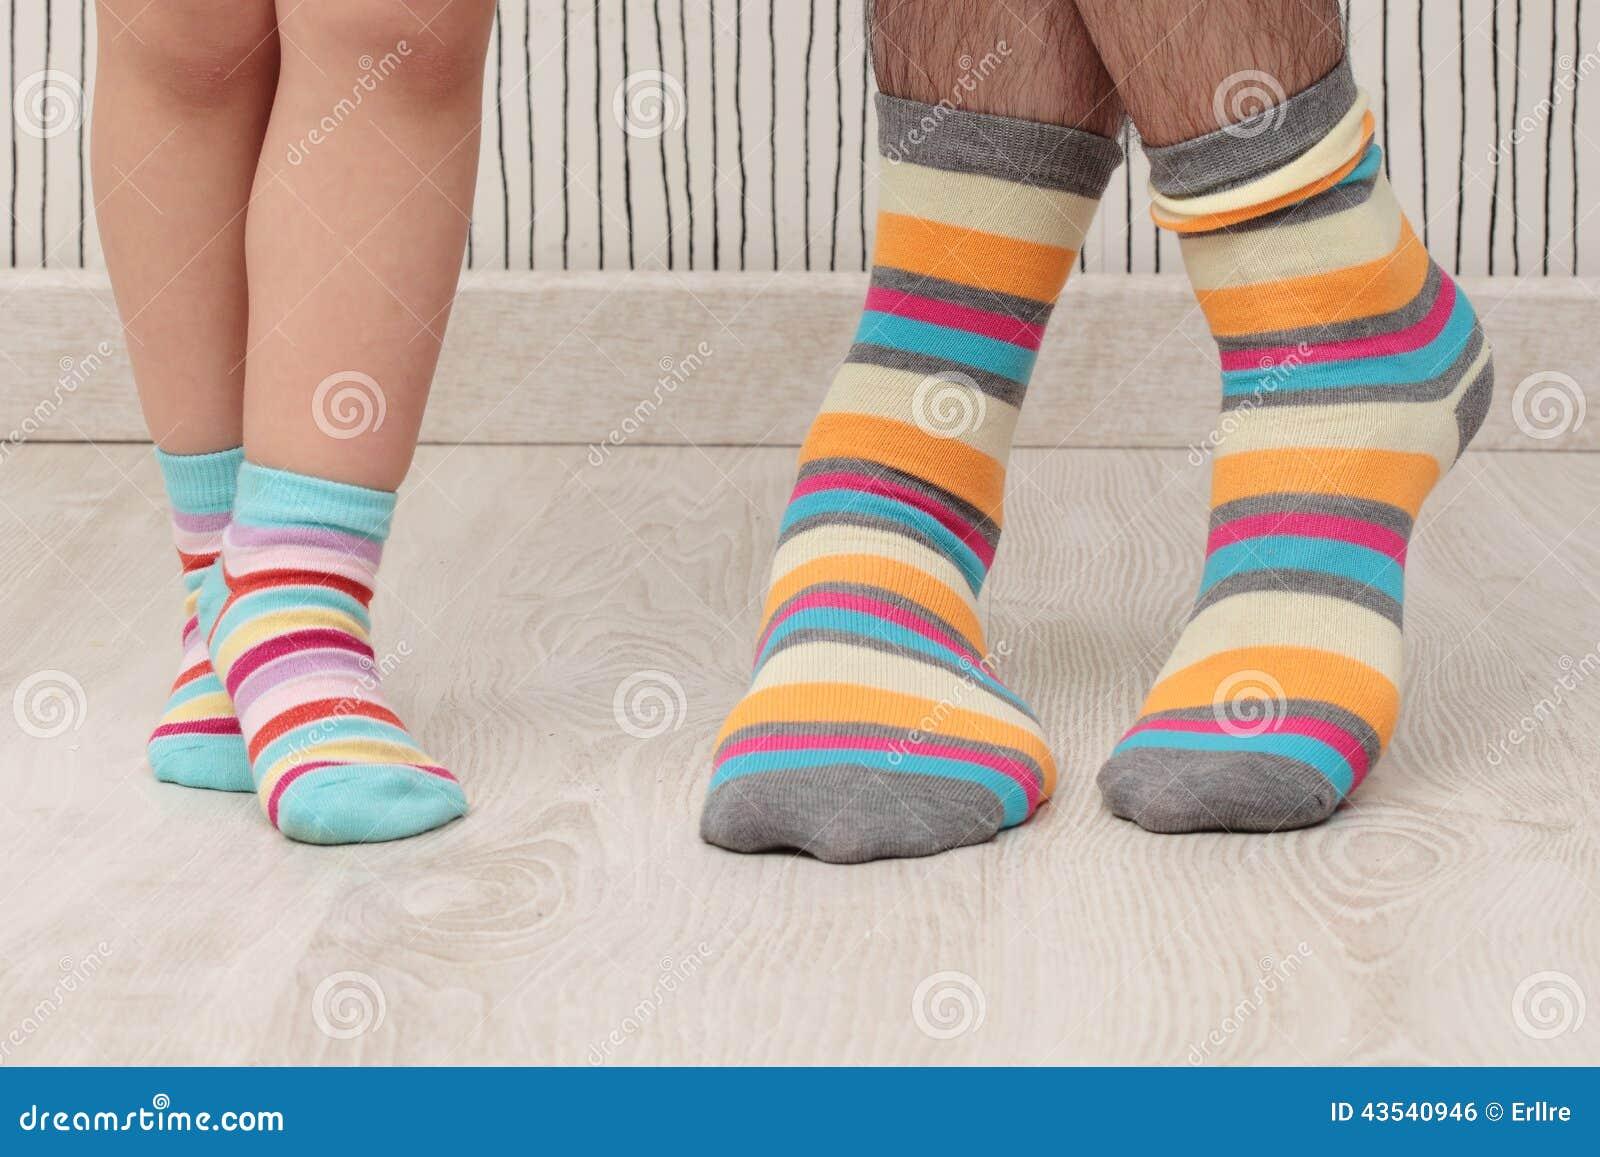 Padre e hijo en calcetines foto de archivo. Imagen de color - 43540946